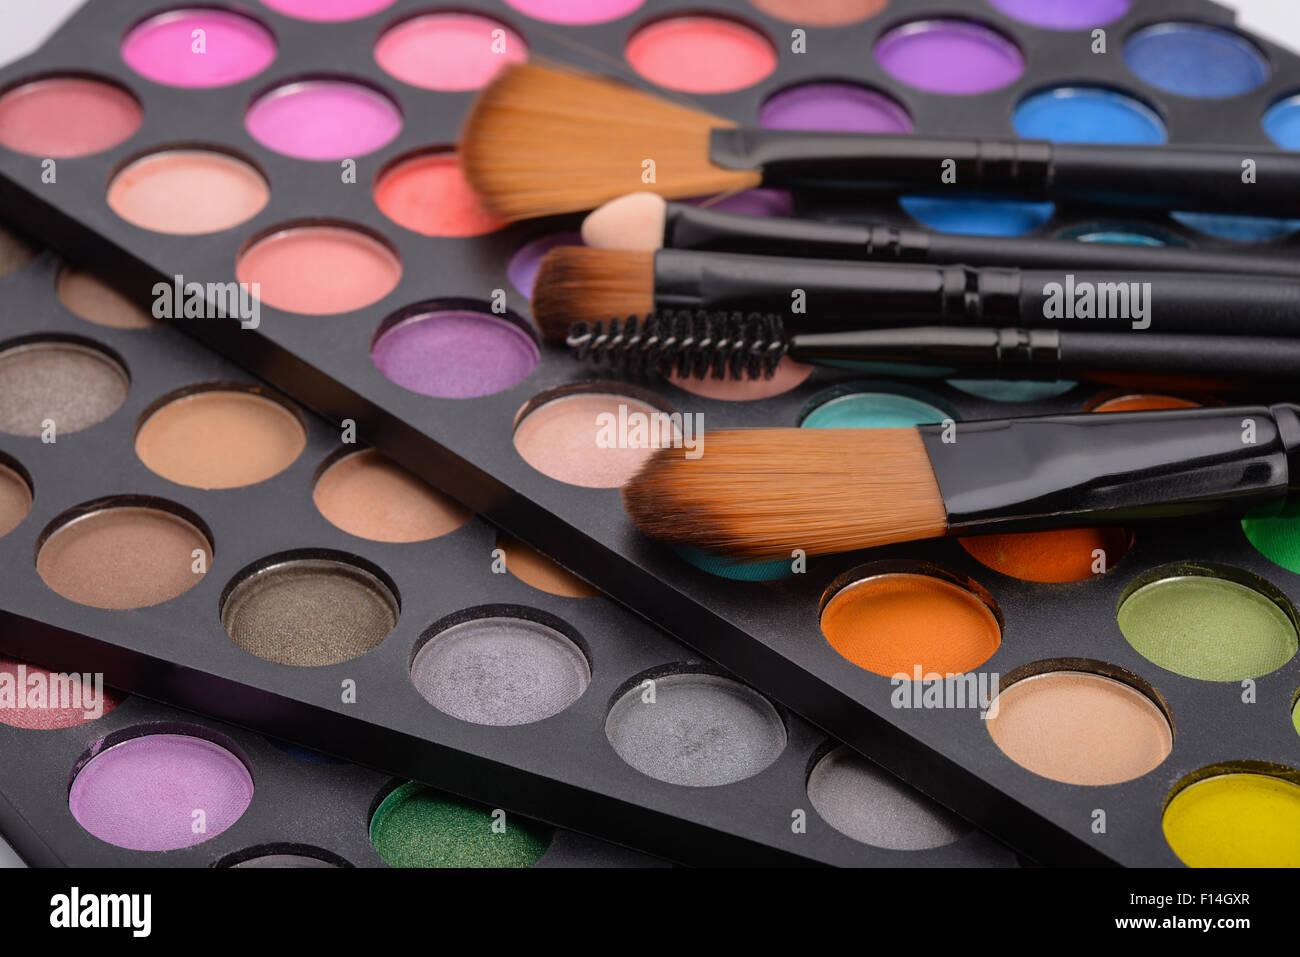 Professionelle Blush Palette und Kosmetik Pinsel Stockbild